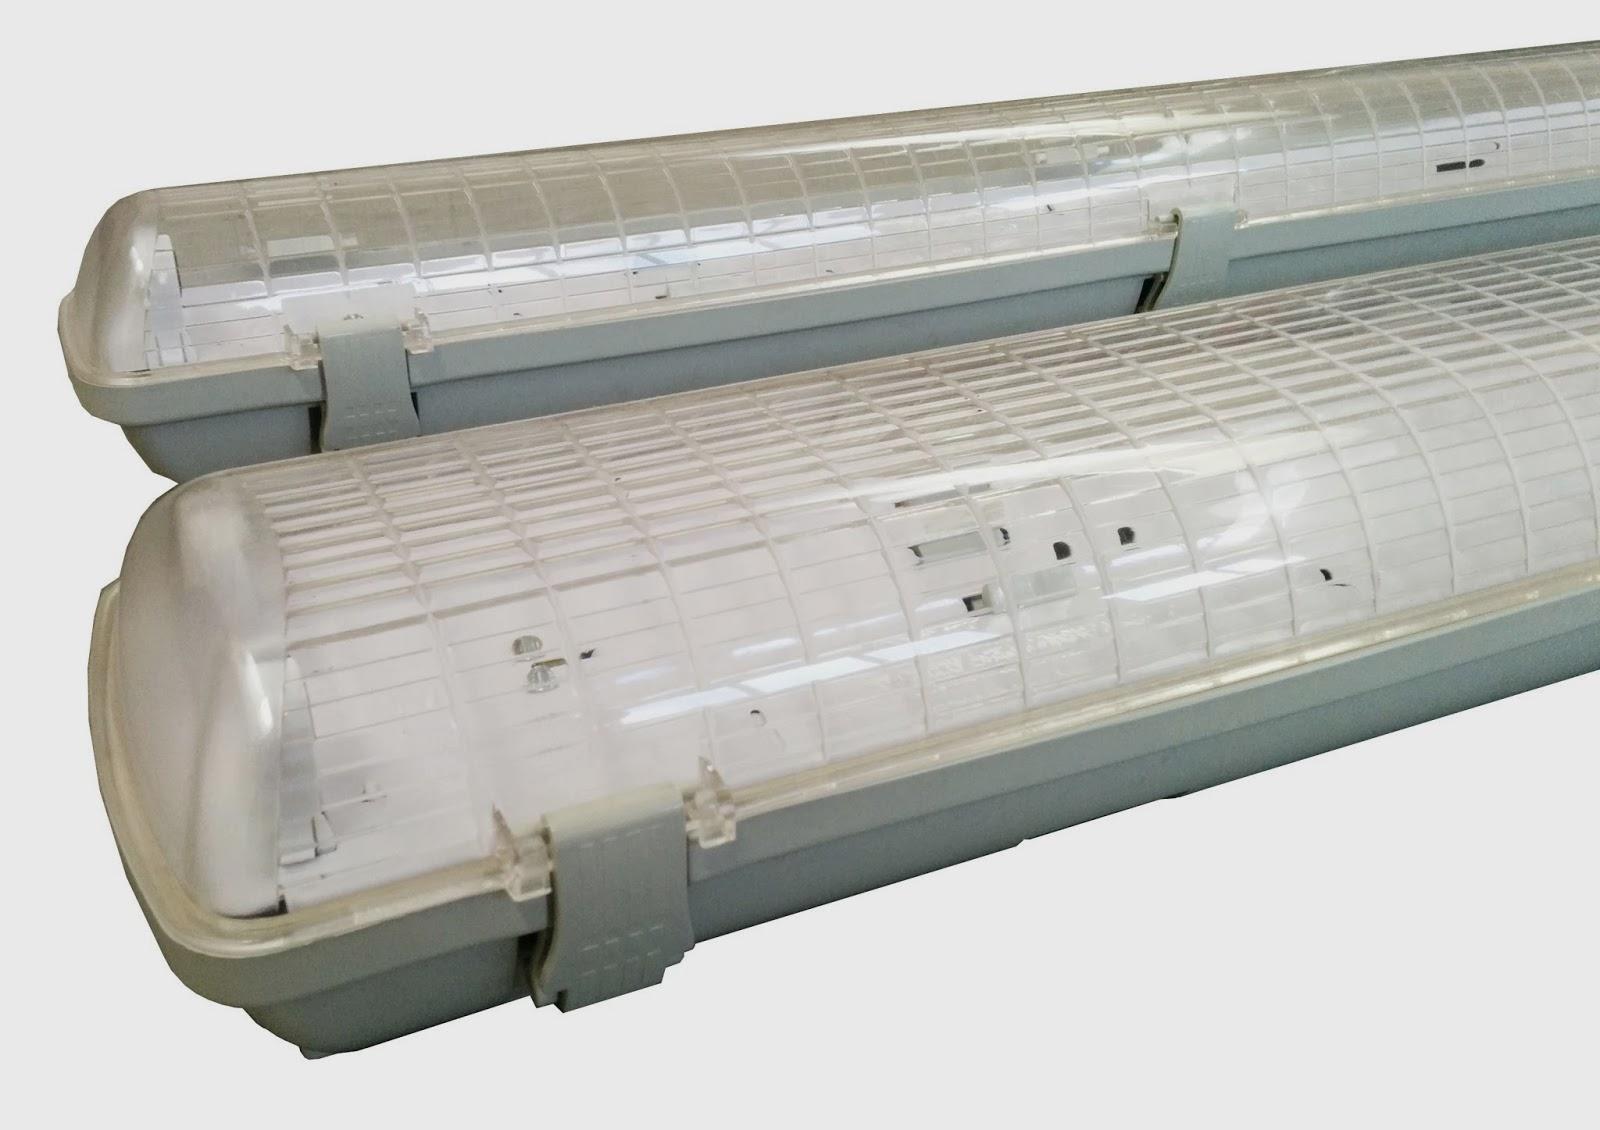 Plafoniere Per Tubi Neon : Illuminazione led plafoniere stagne tubolari per tubi t